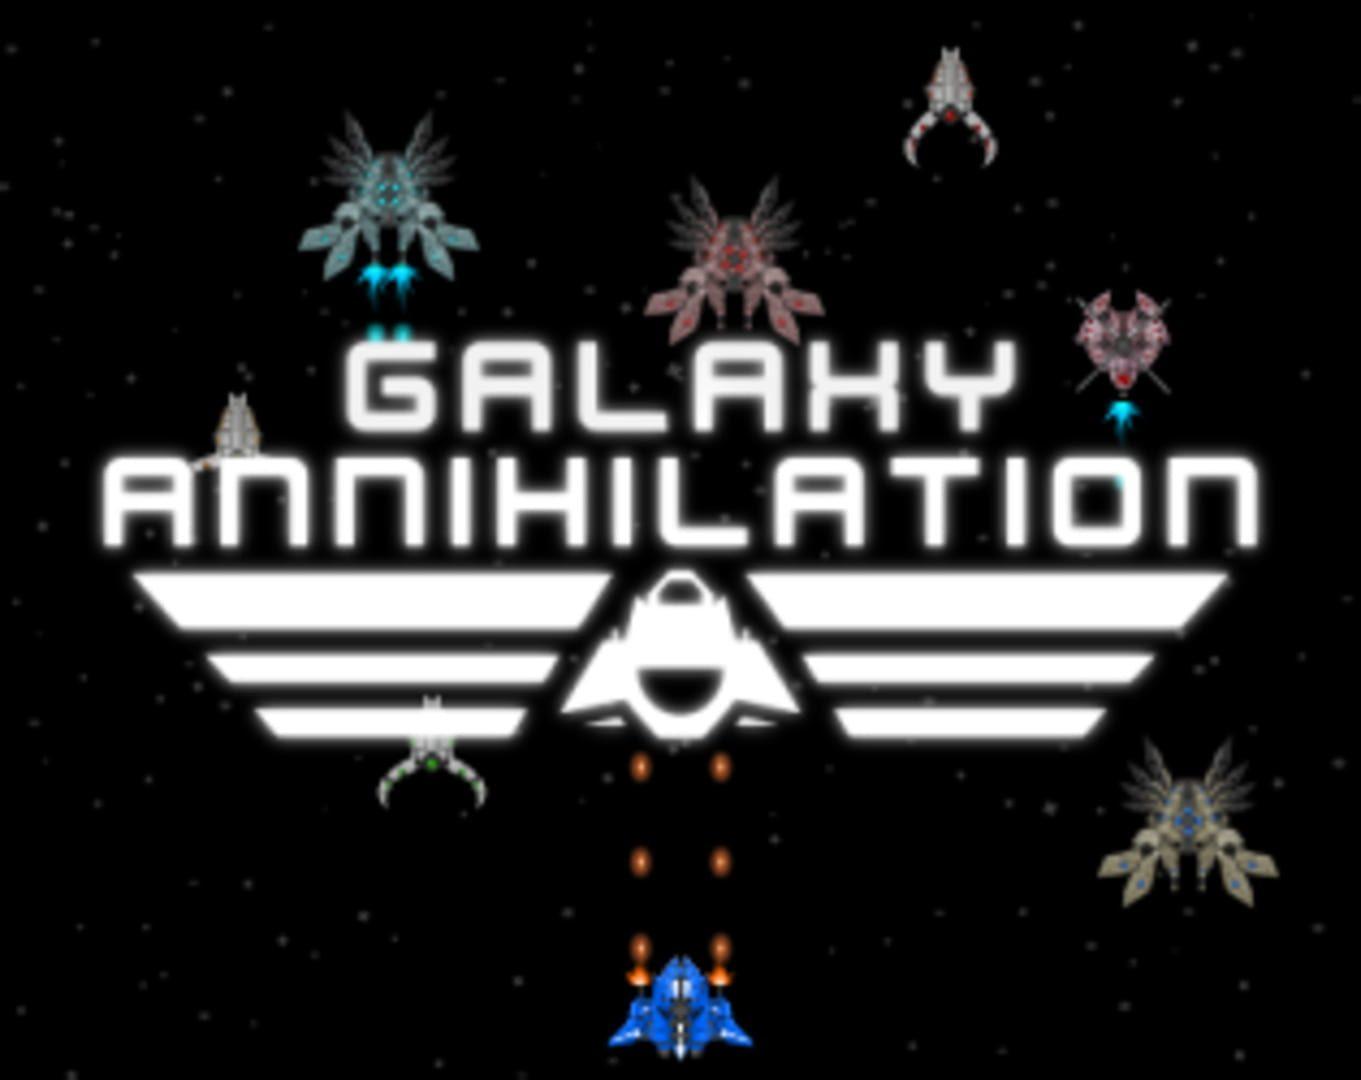 buy Galaxy Annihilation cd key for all platform